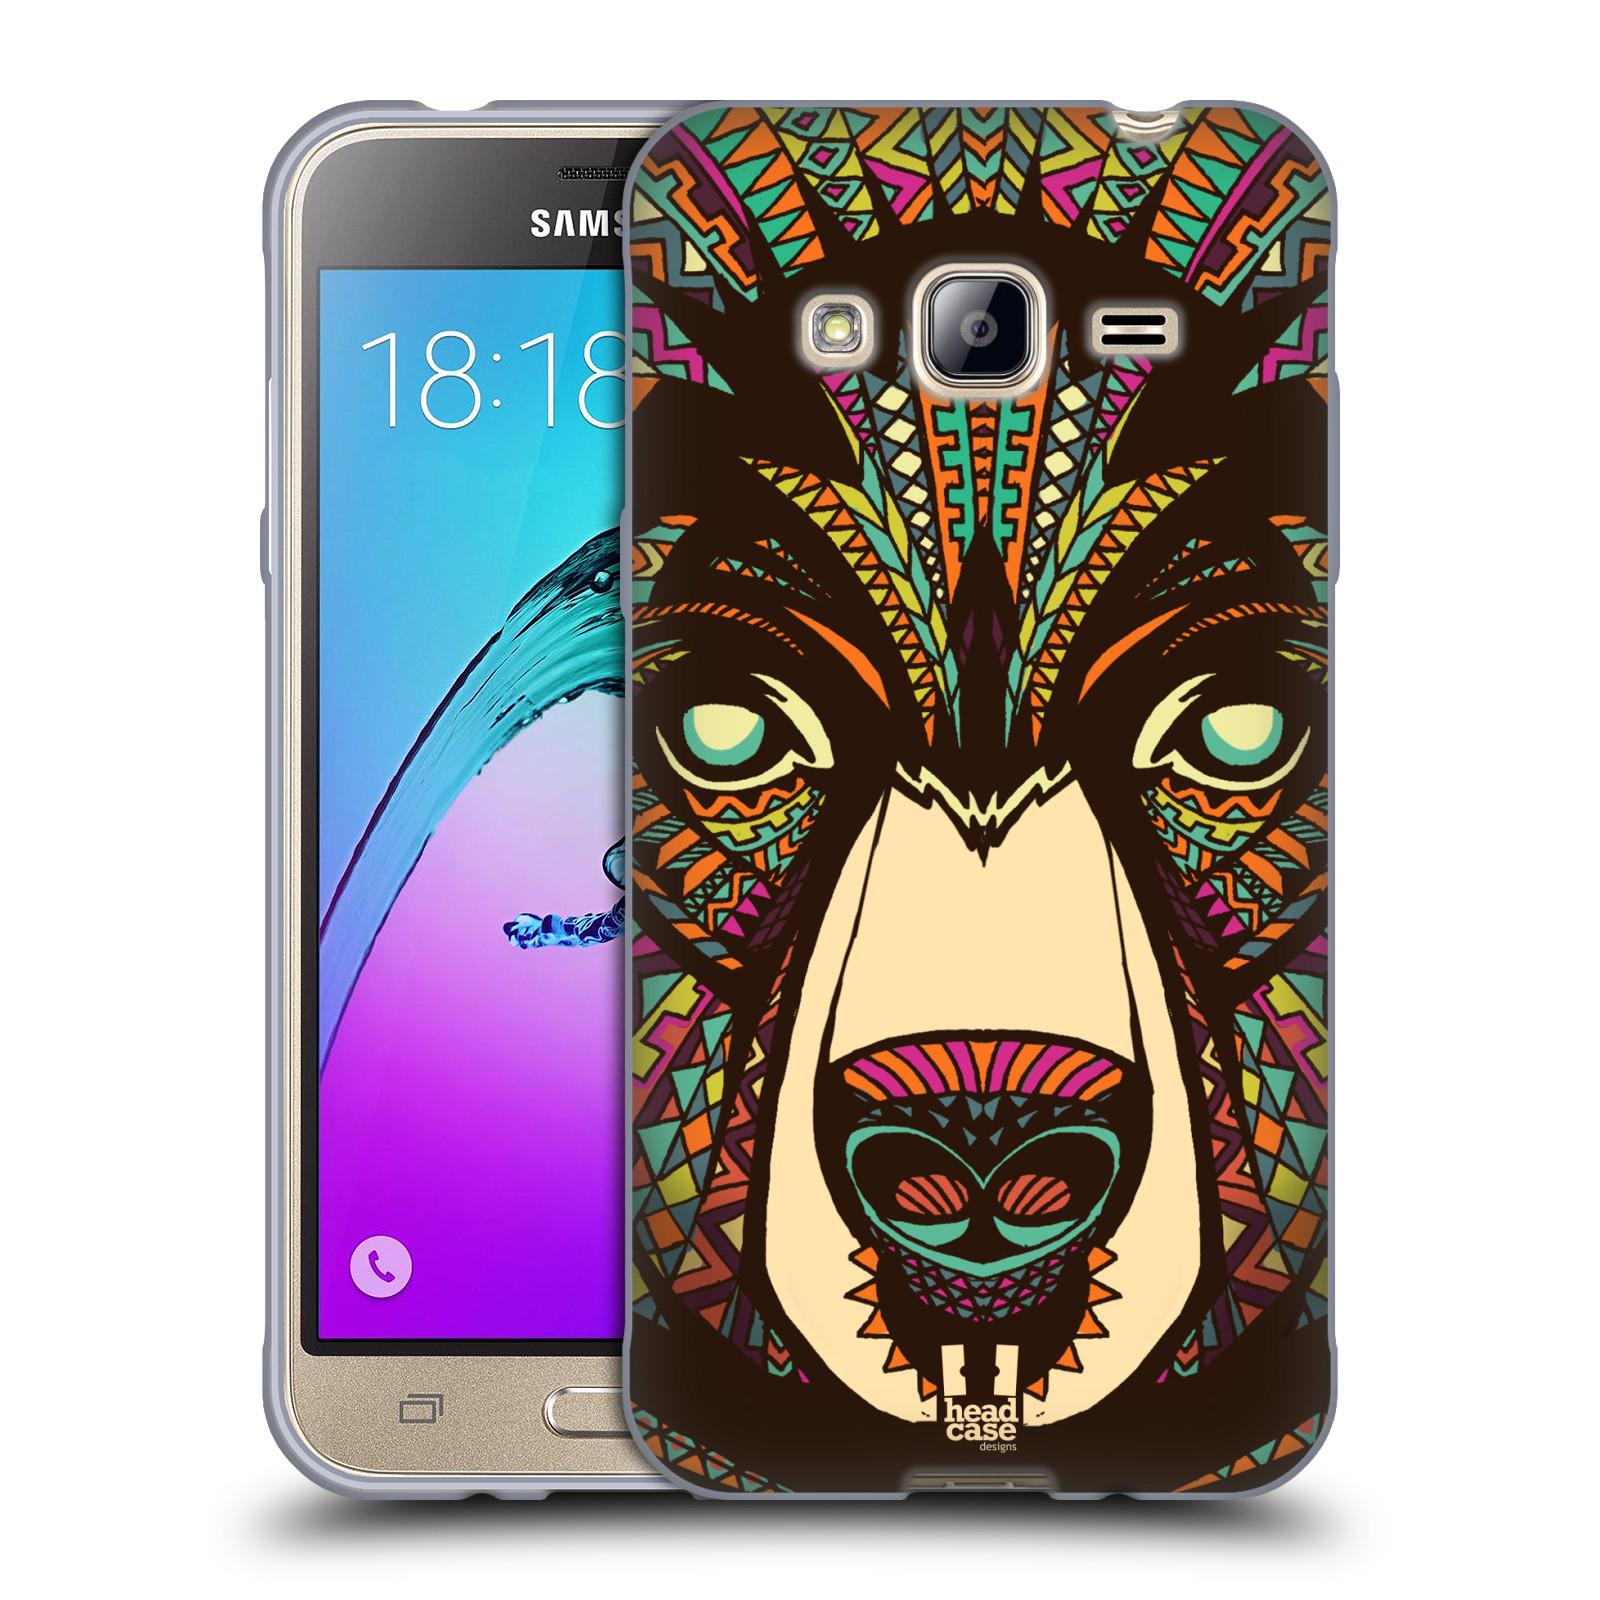 Silikonové pouzdro na mobil Samsung Galaxy J3 (2016) HEAD CASE AZTEC MEDVĚD